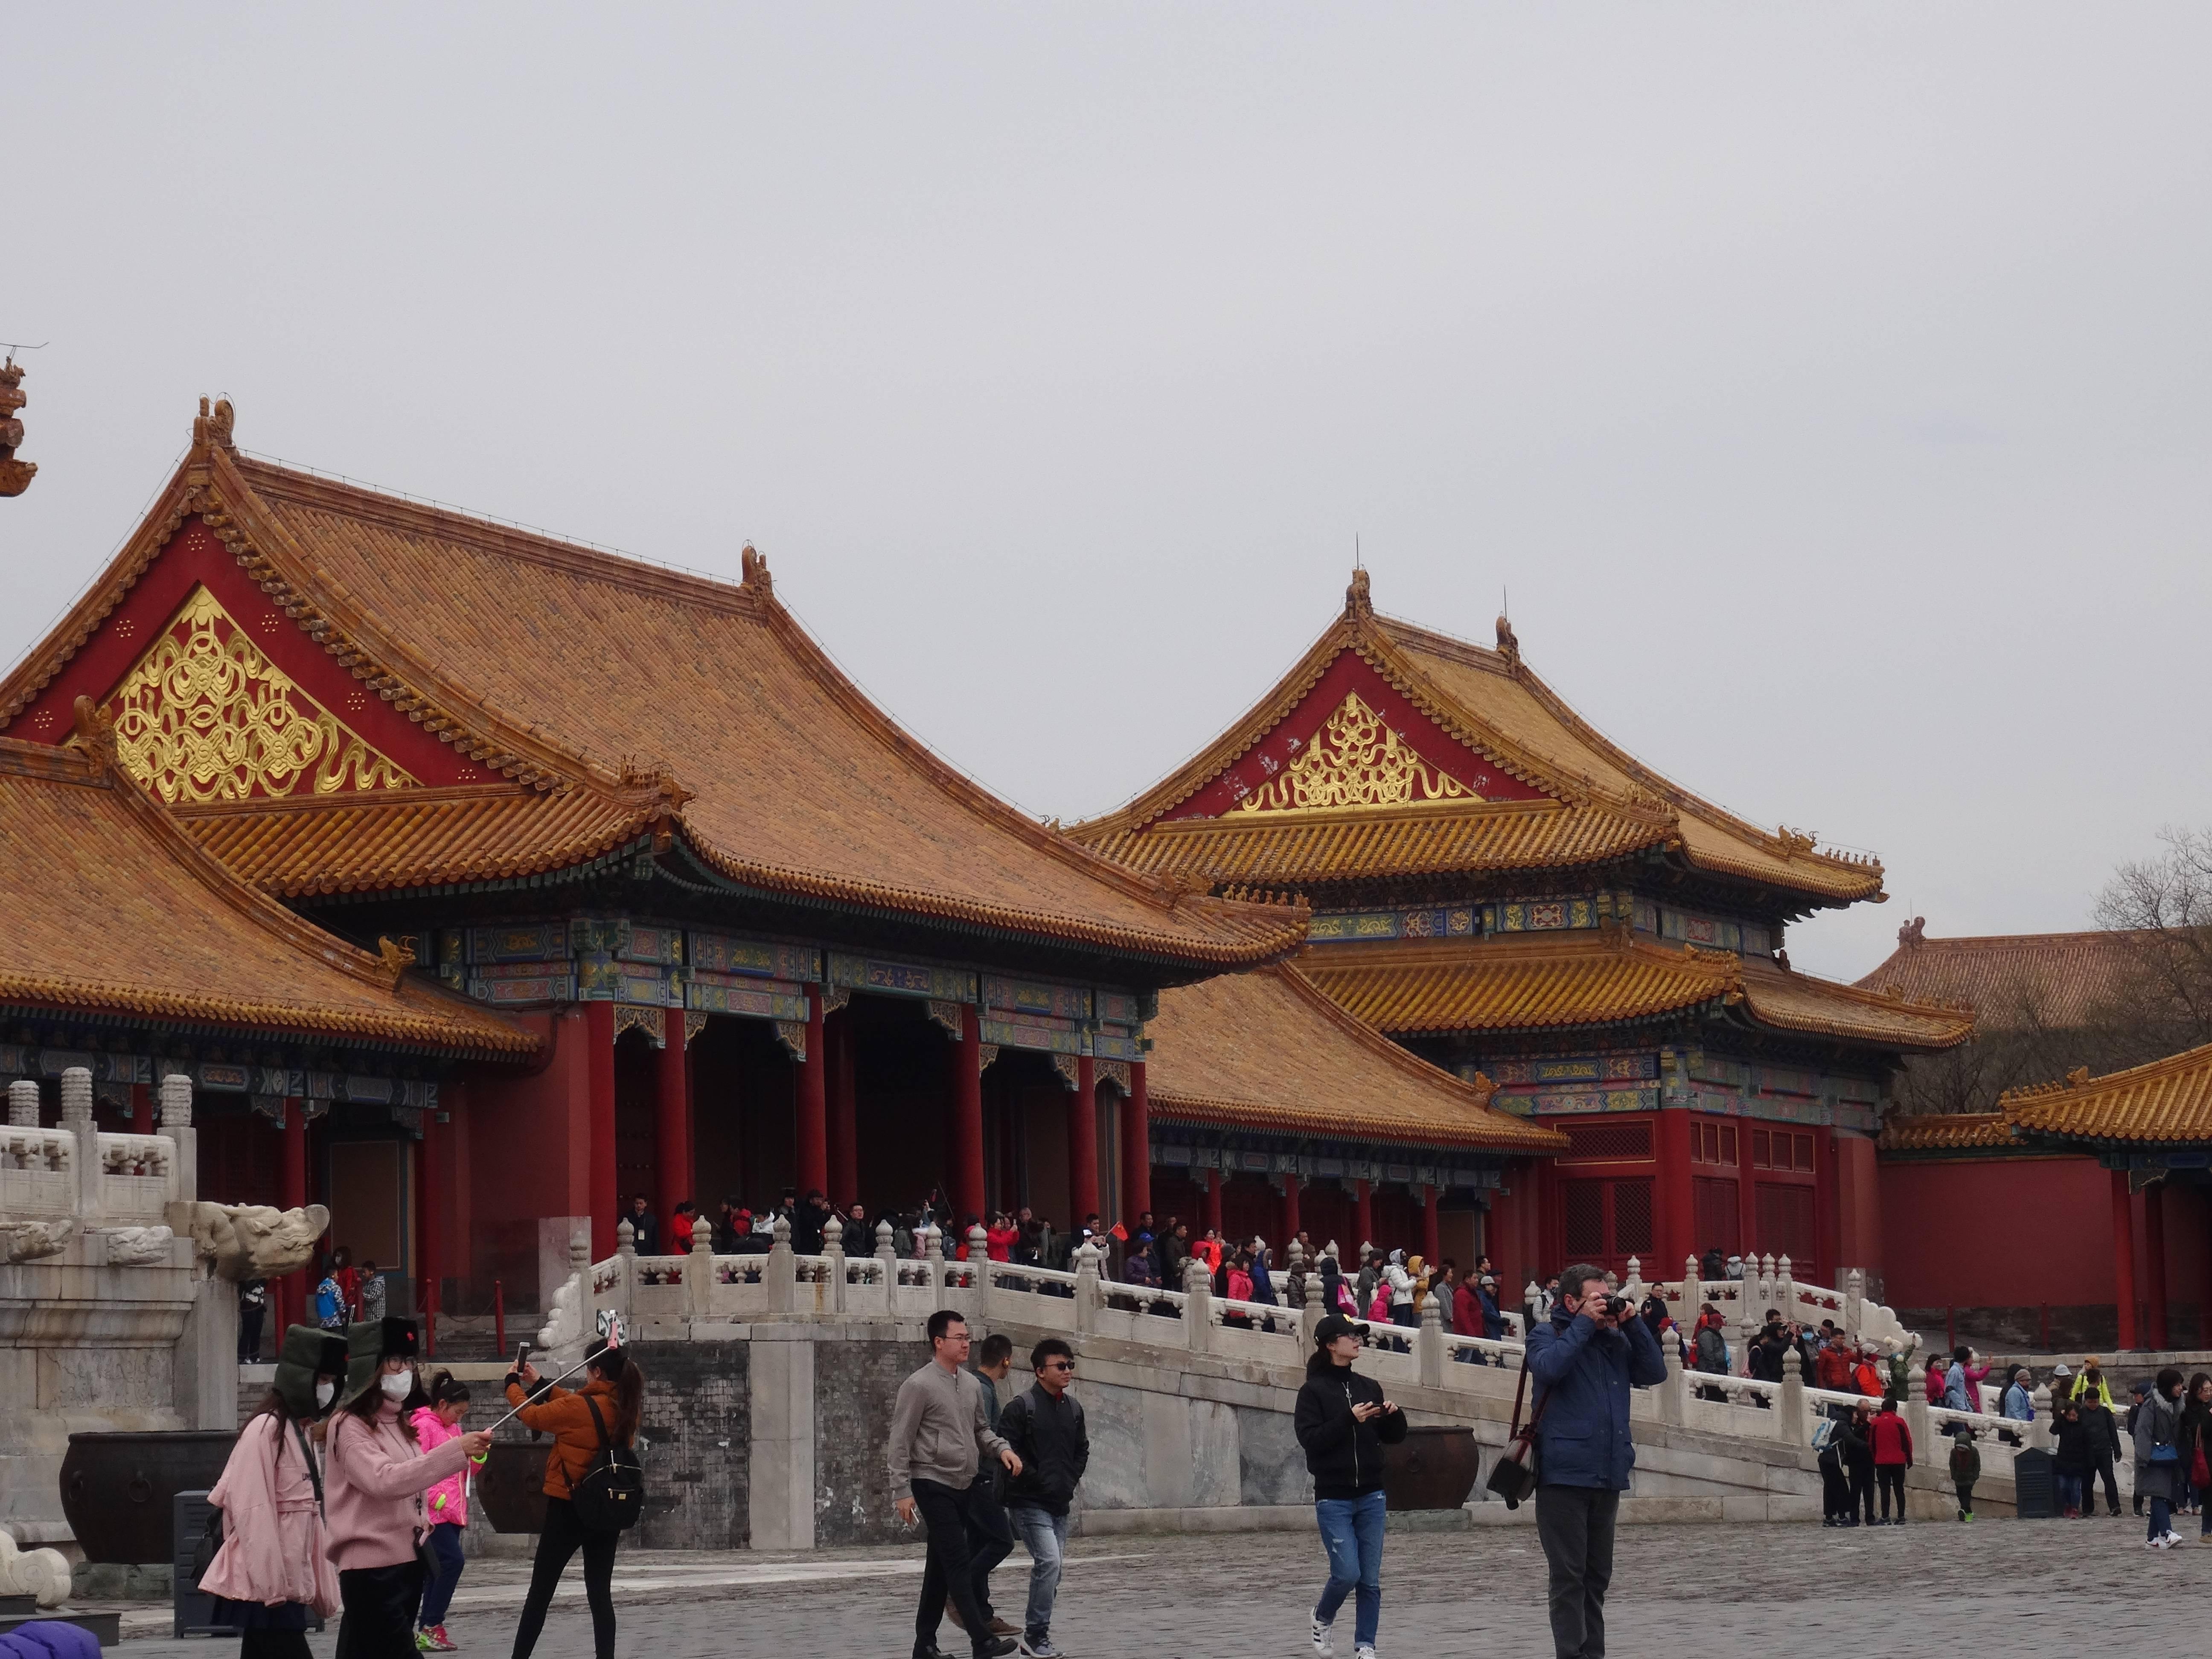 Photo 3: La Cité interdite à Pékin....en compagnie de milliers de touristes...chinois